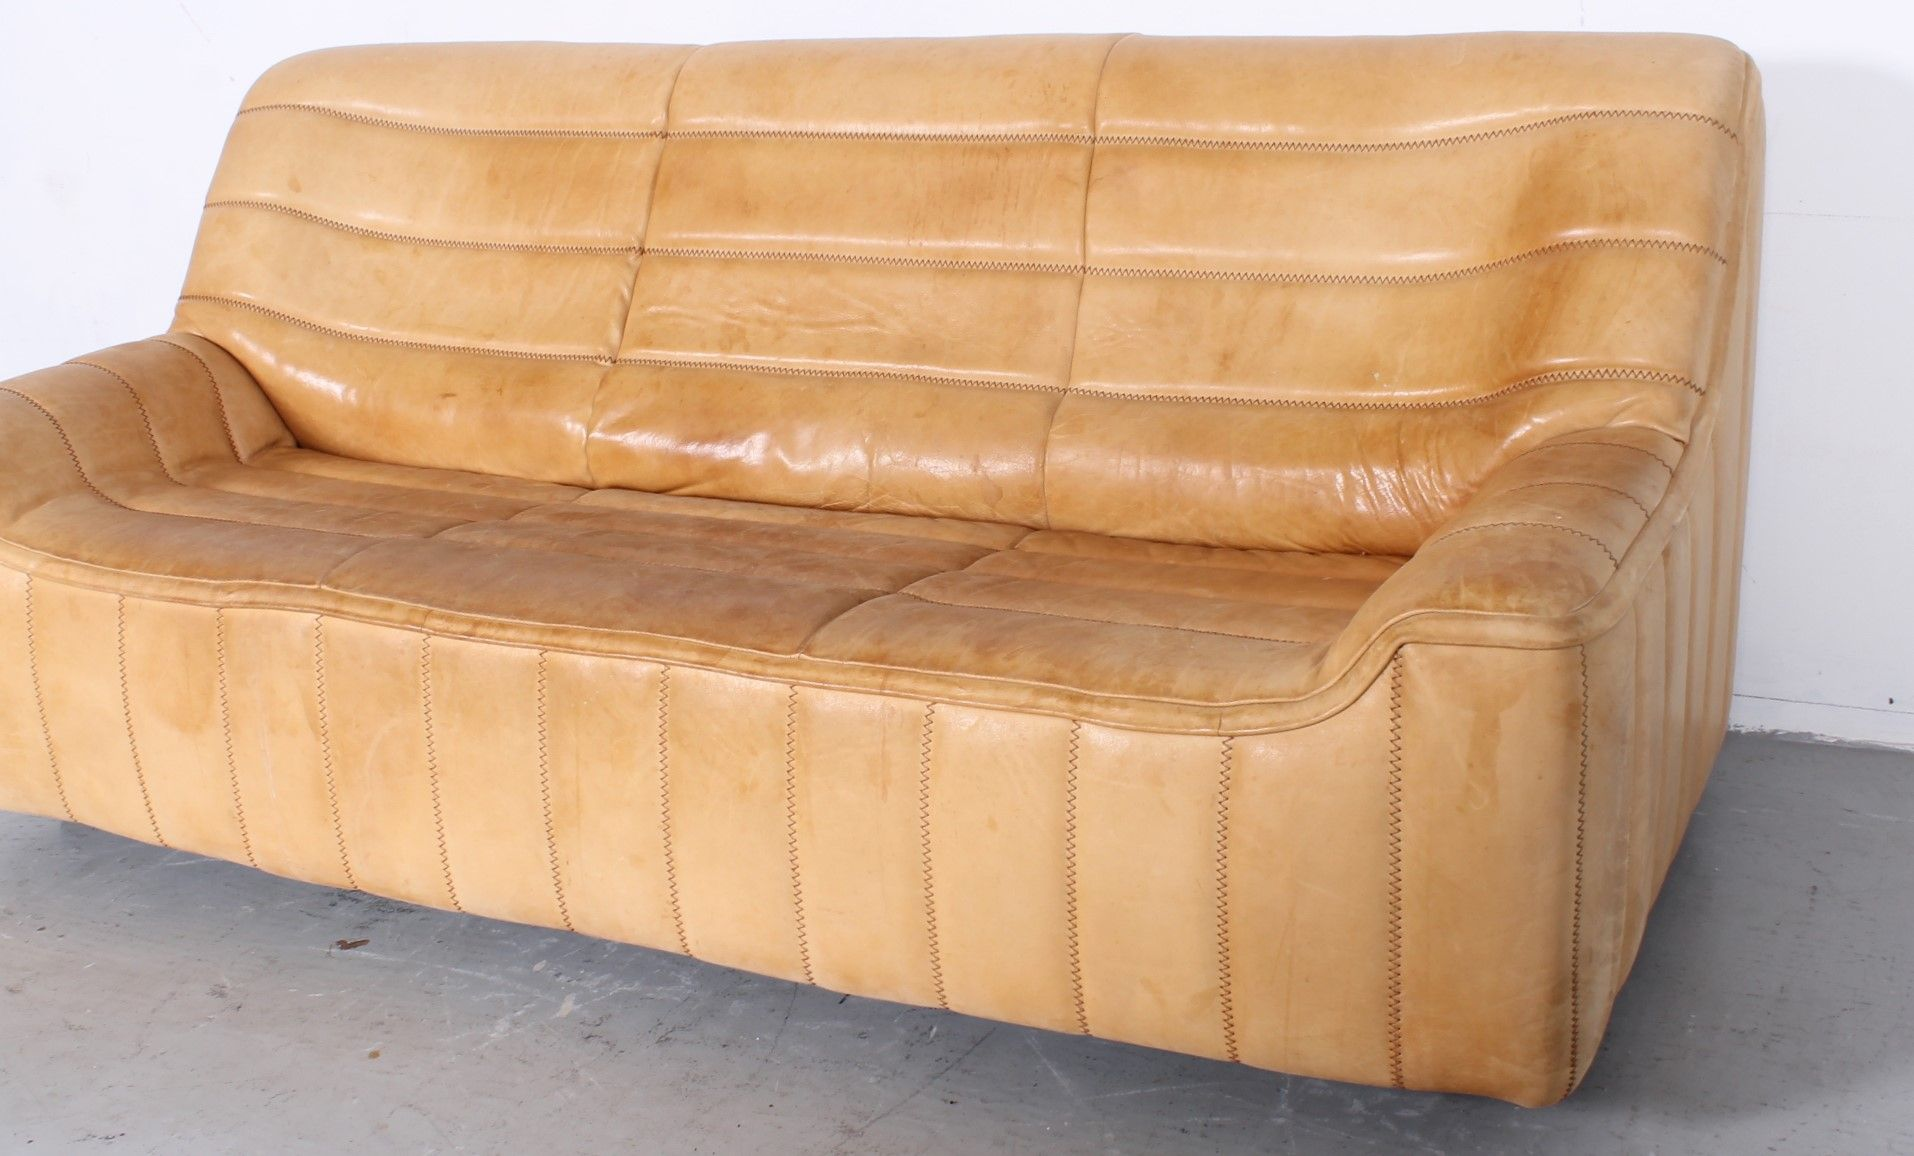 canap ds84 vintage 3 places de de sede en vente sur pamono. Black Bedroom Furniture Sets. Home Design Ideas